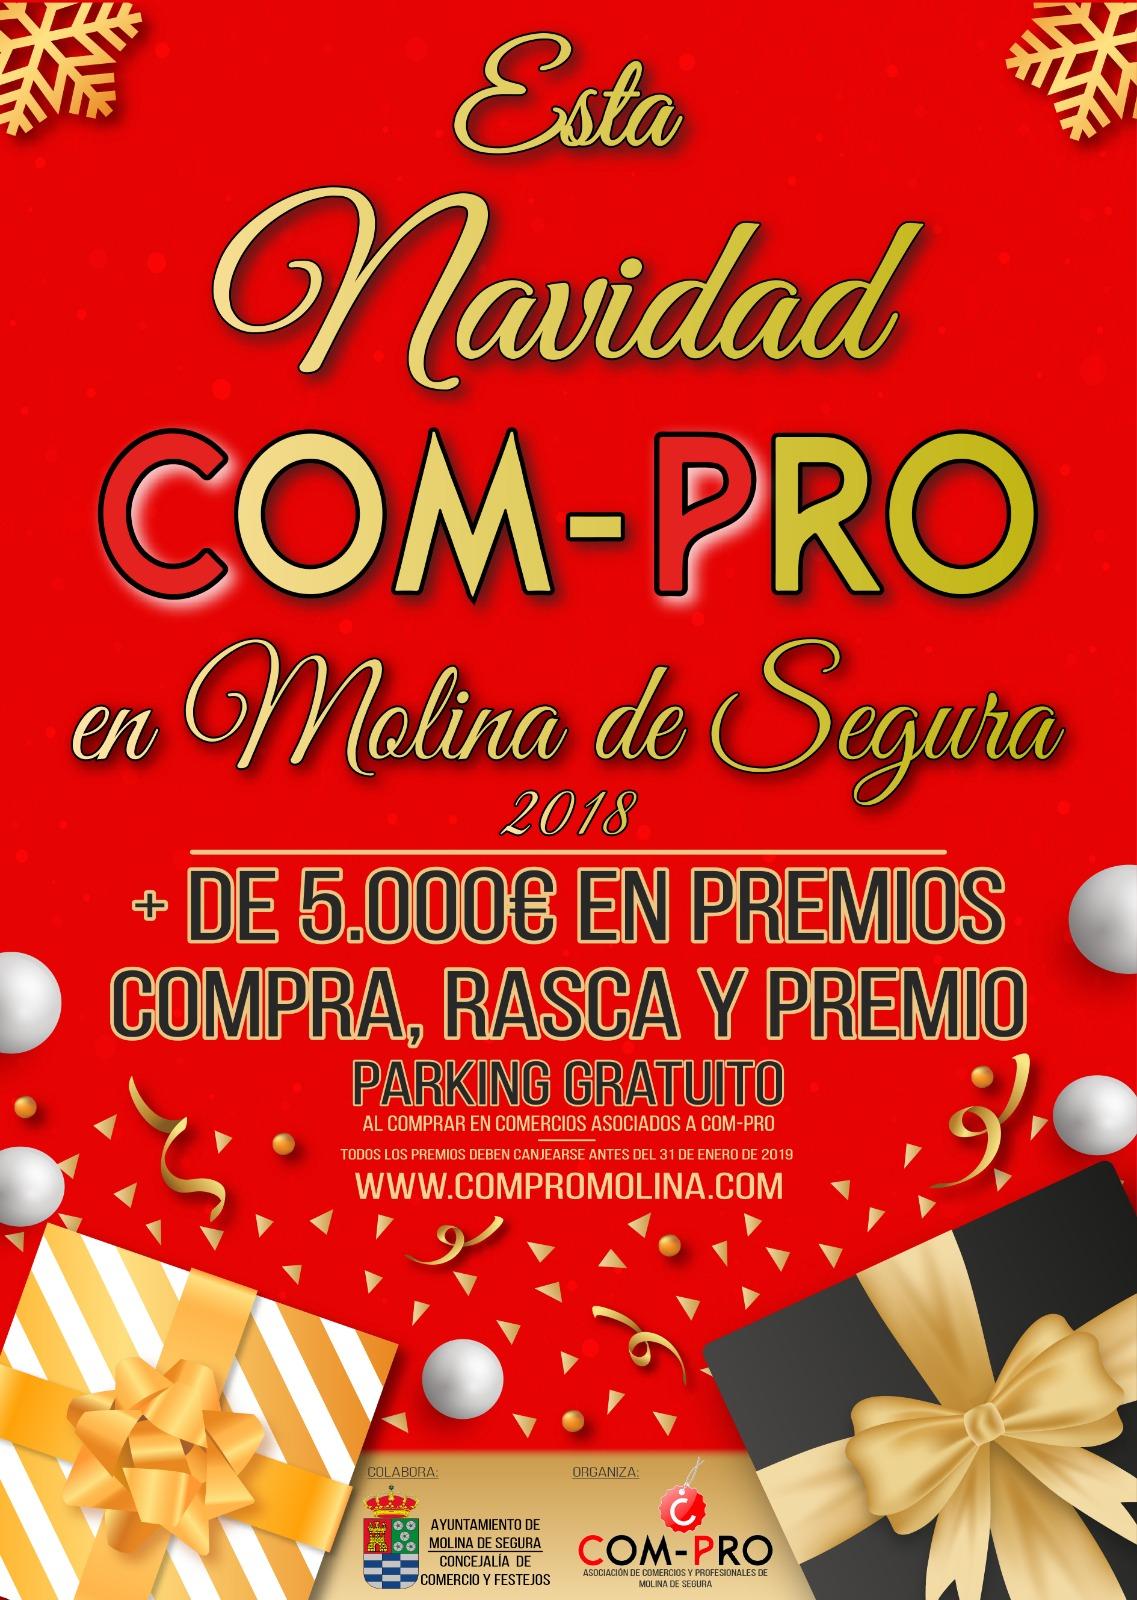 Esta navidad COM-PRO en Molina